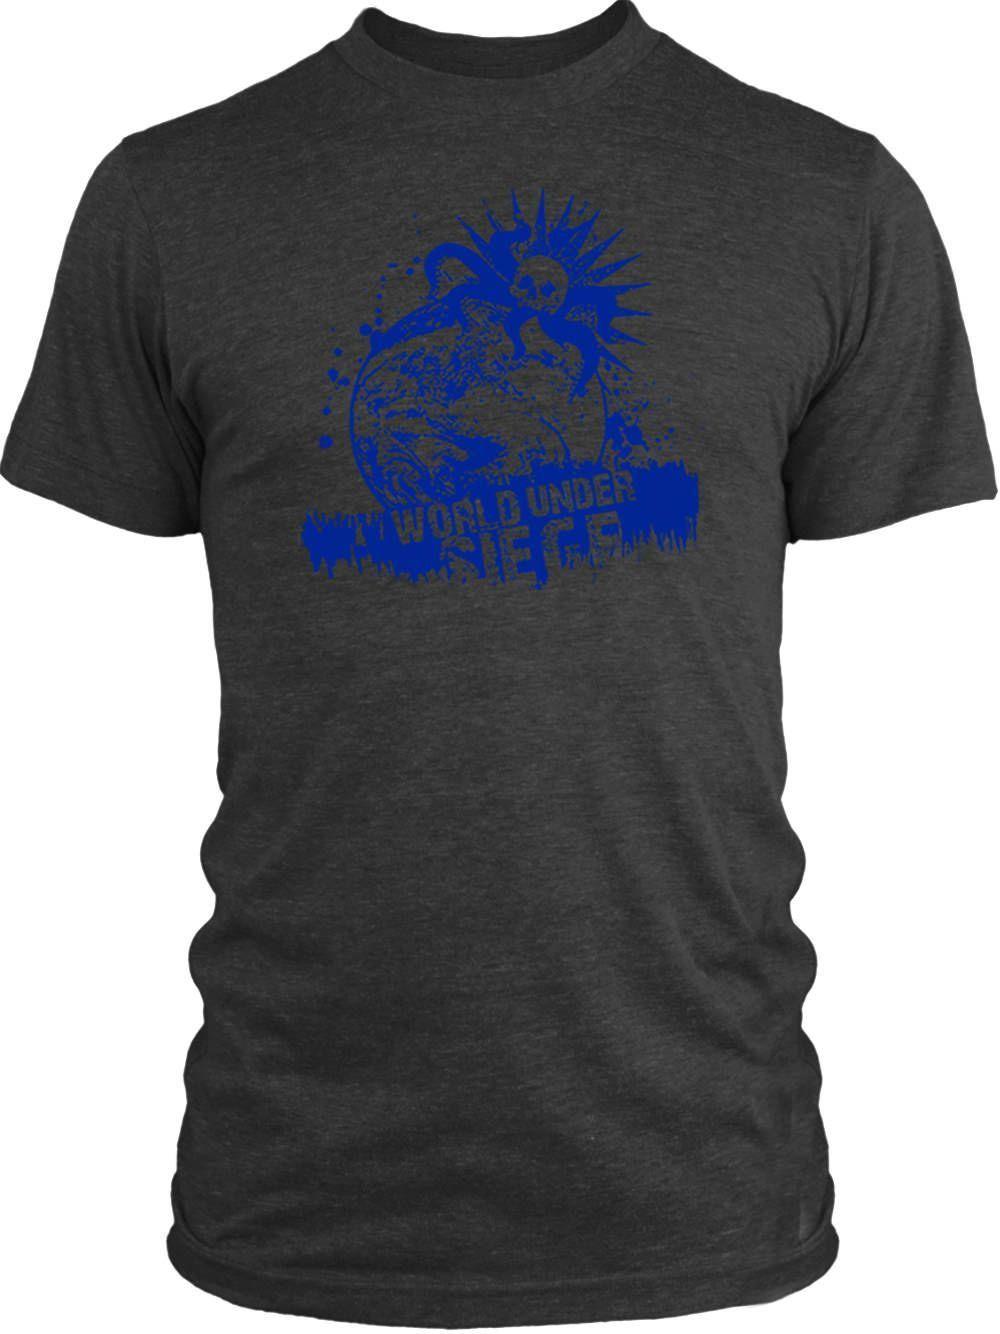 Big Texas World Under Siege (Blue) Vintage Tri-Blend T-Shirt